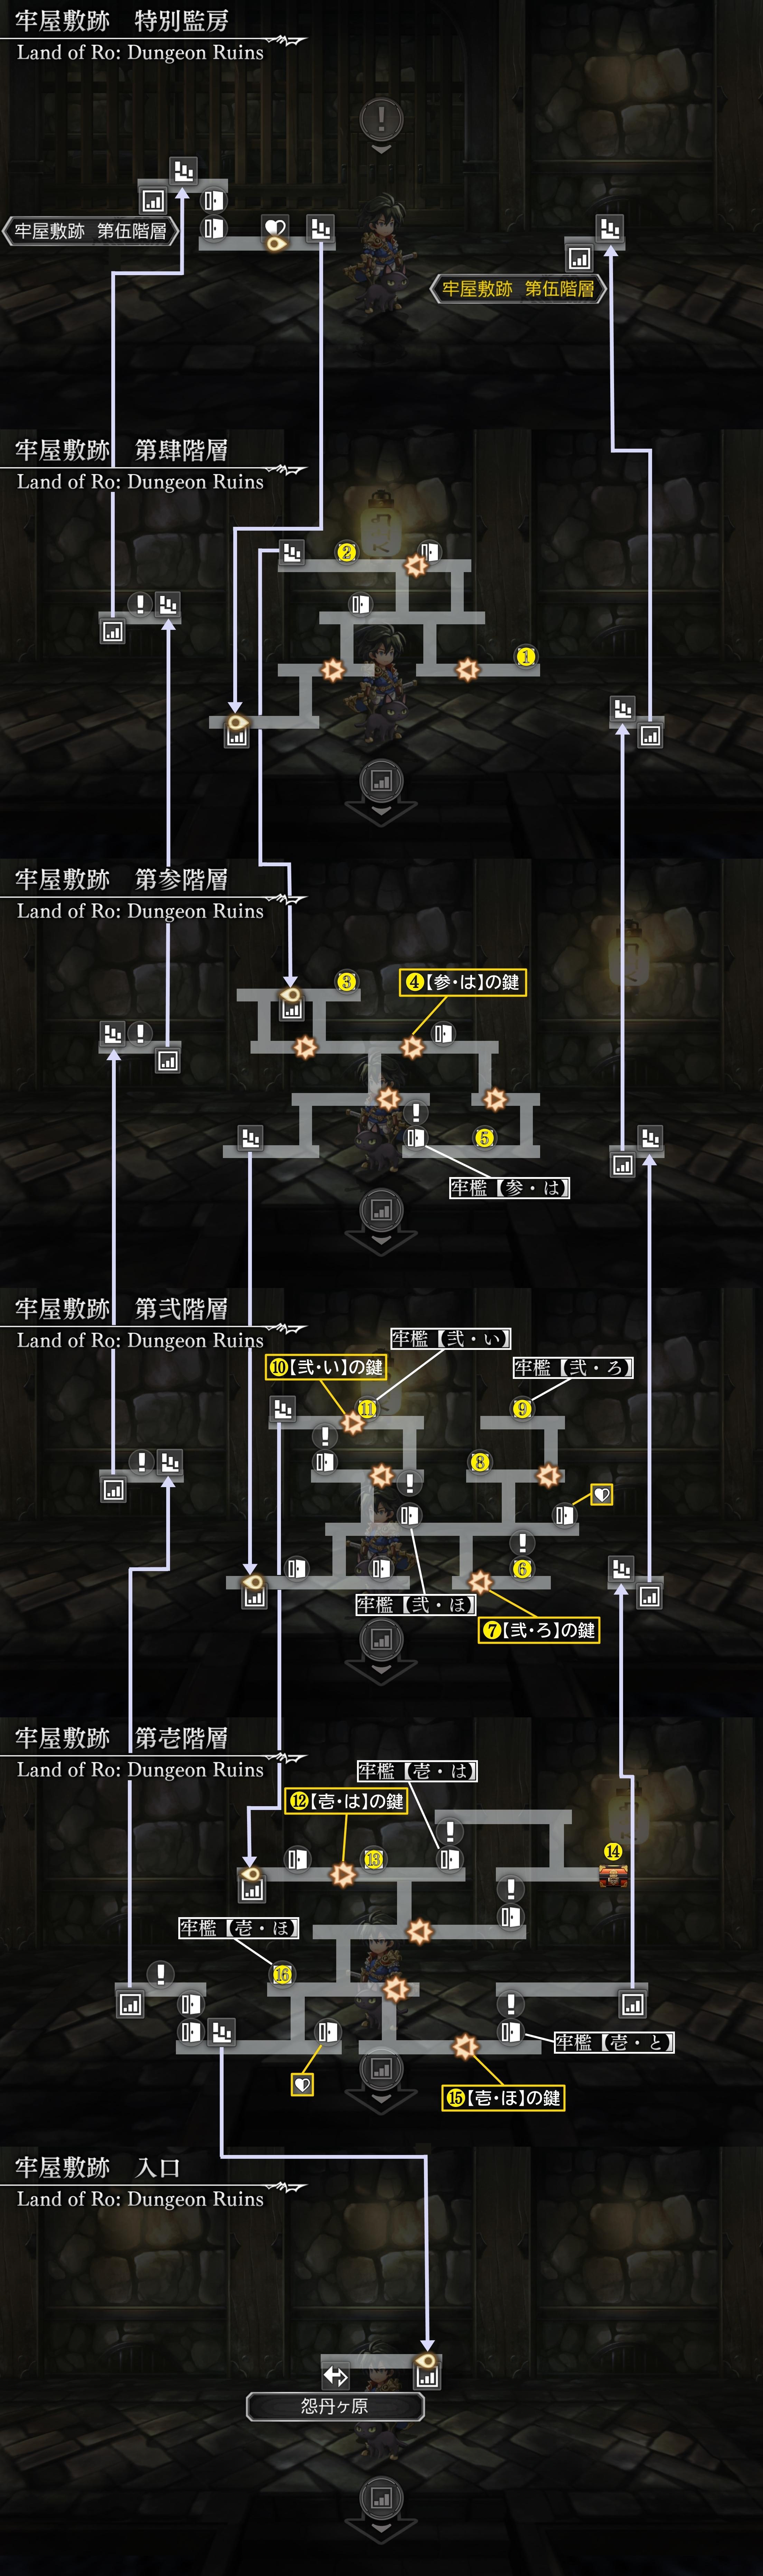 呂の国 牢屋敷跡マップ1